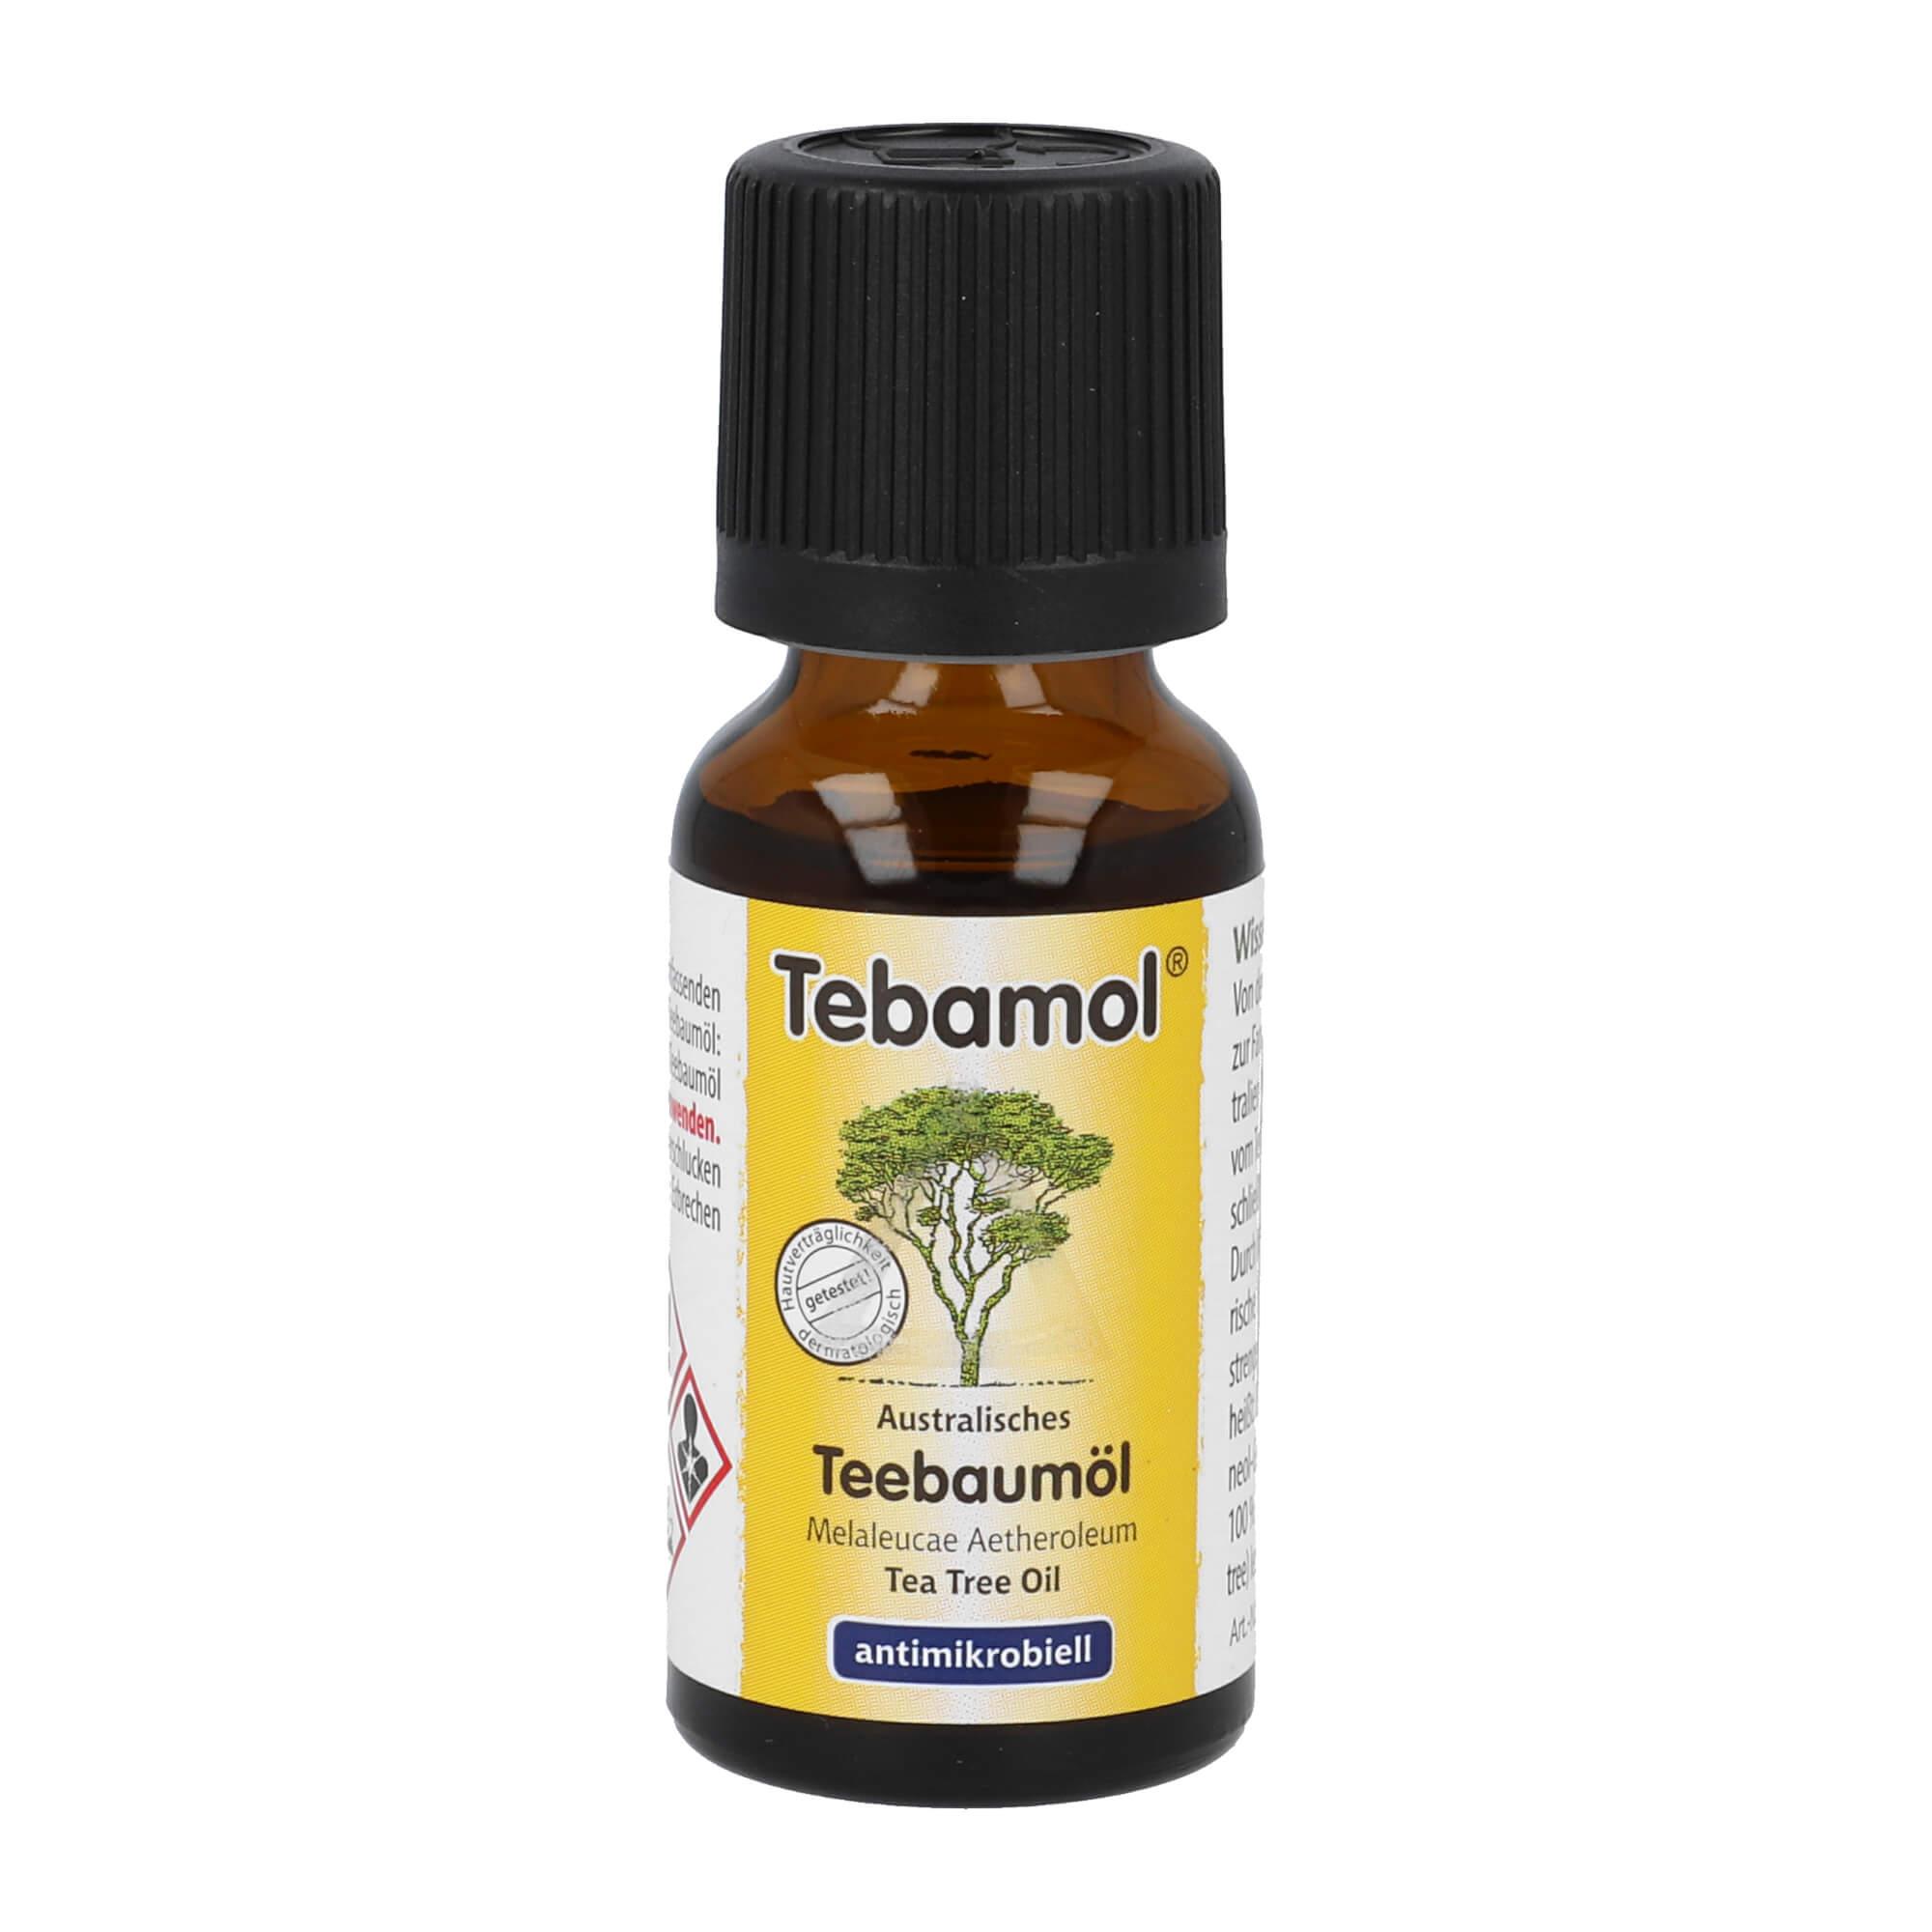 Tebamol Australisches Teebaumöl